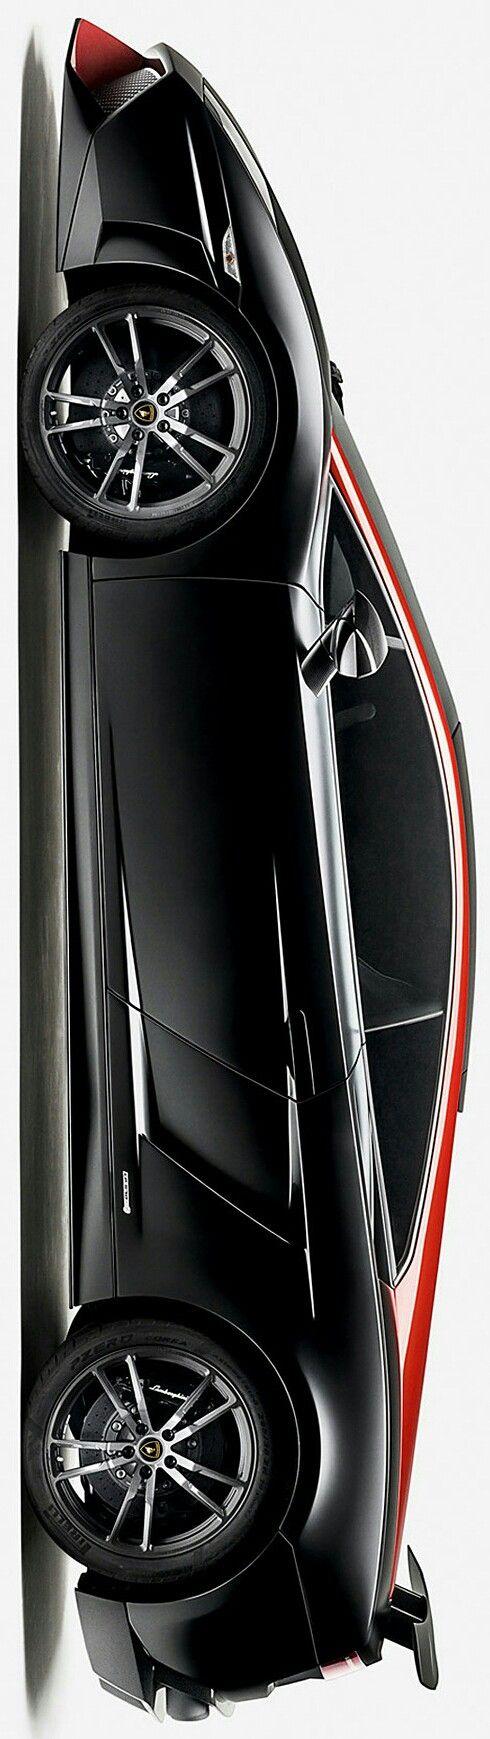 Lamborghini Gallardo Superleggera Edizione Tecnica by Levon